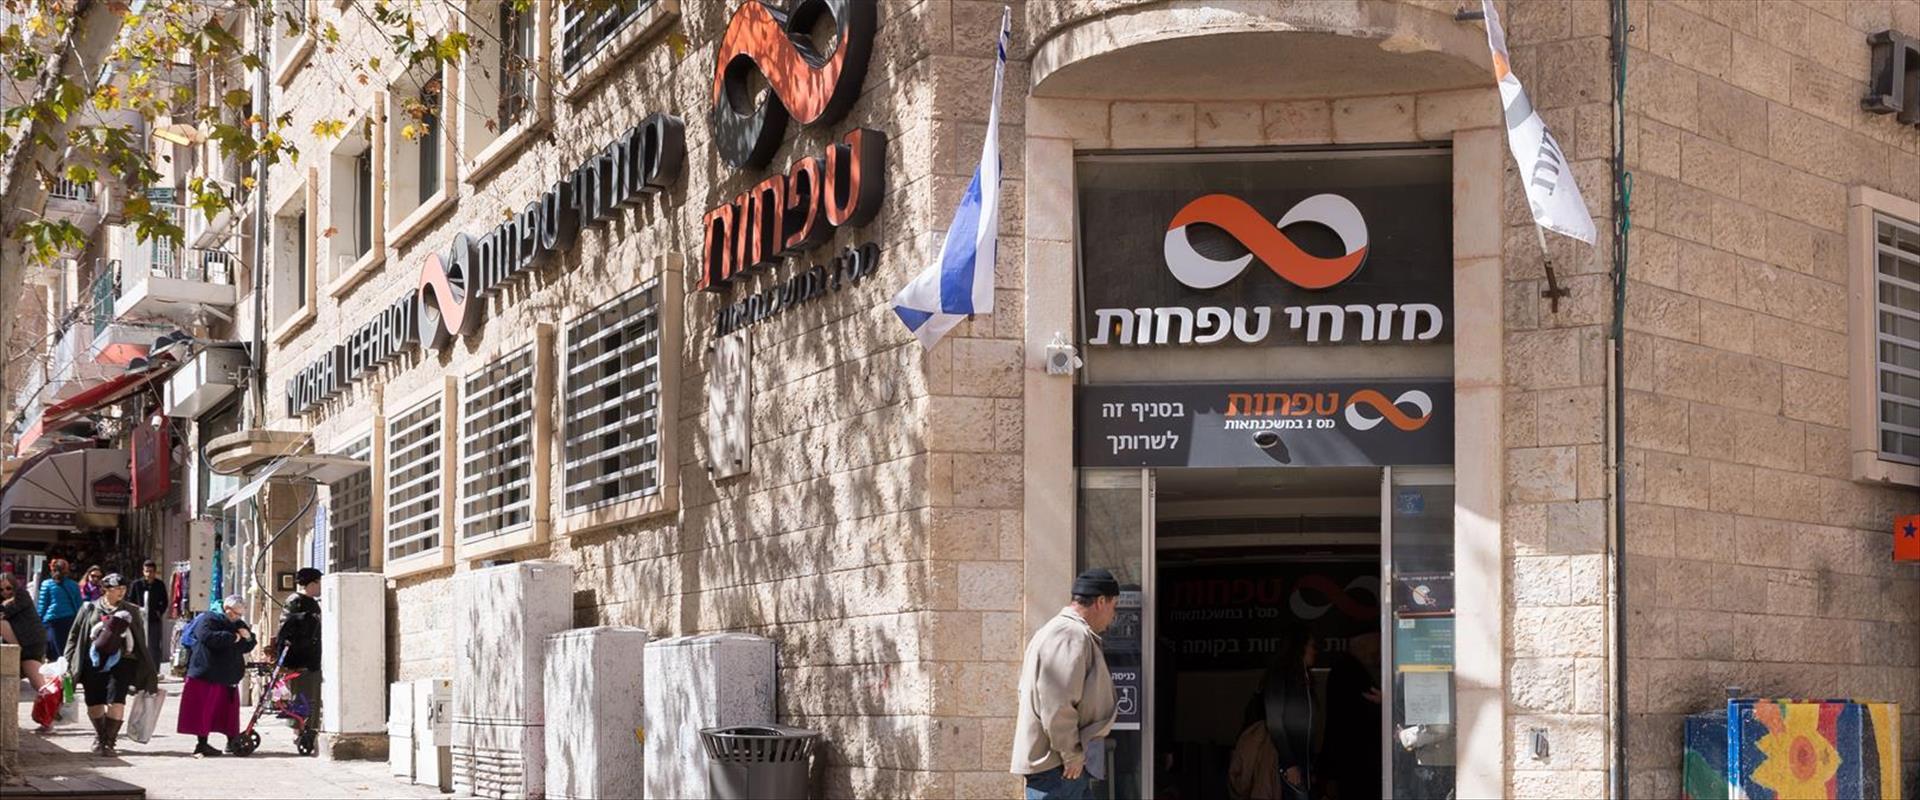 בנק מזרחי טפחות בירושלים, ארכיון